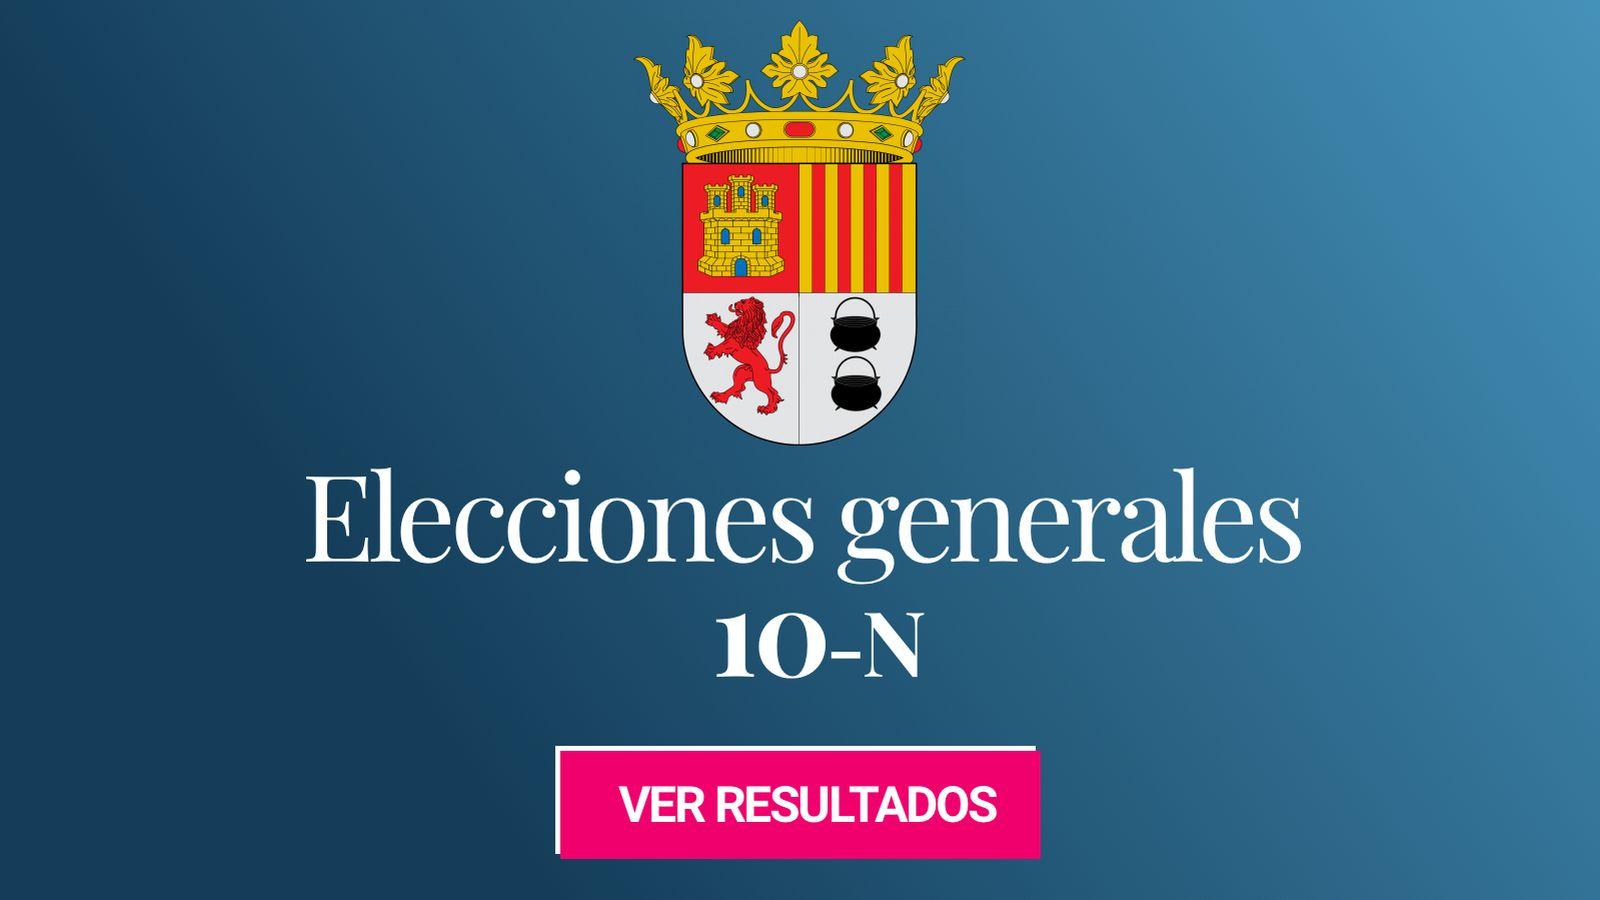 Foto: Elecciones generales 2019 en Torrejón de Ardoz. (C.C./EC)